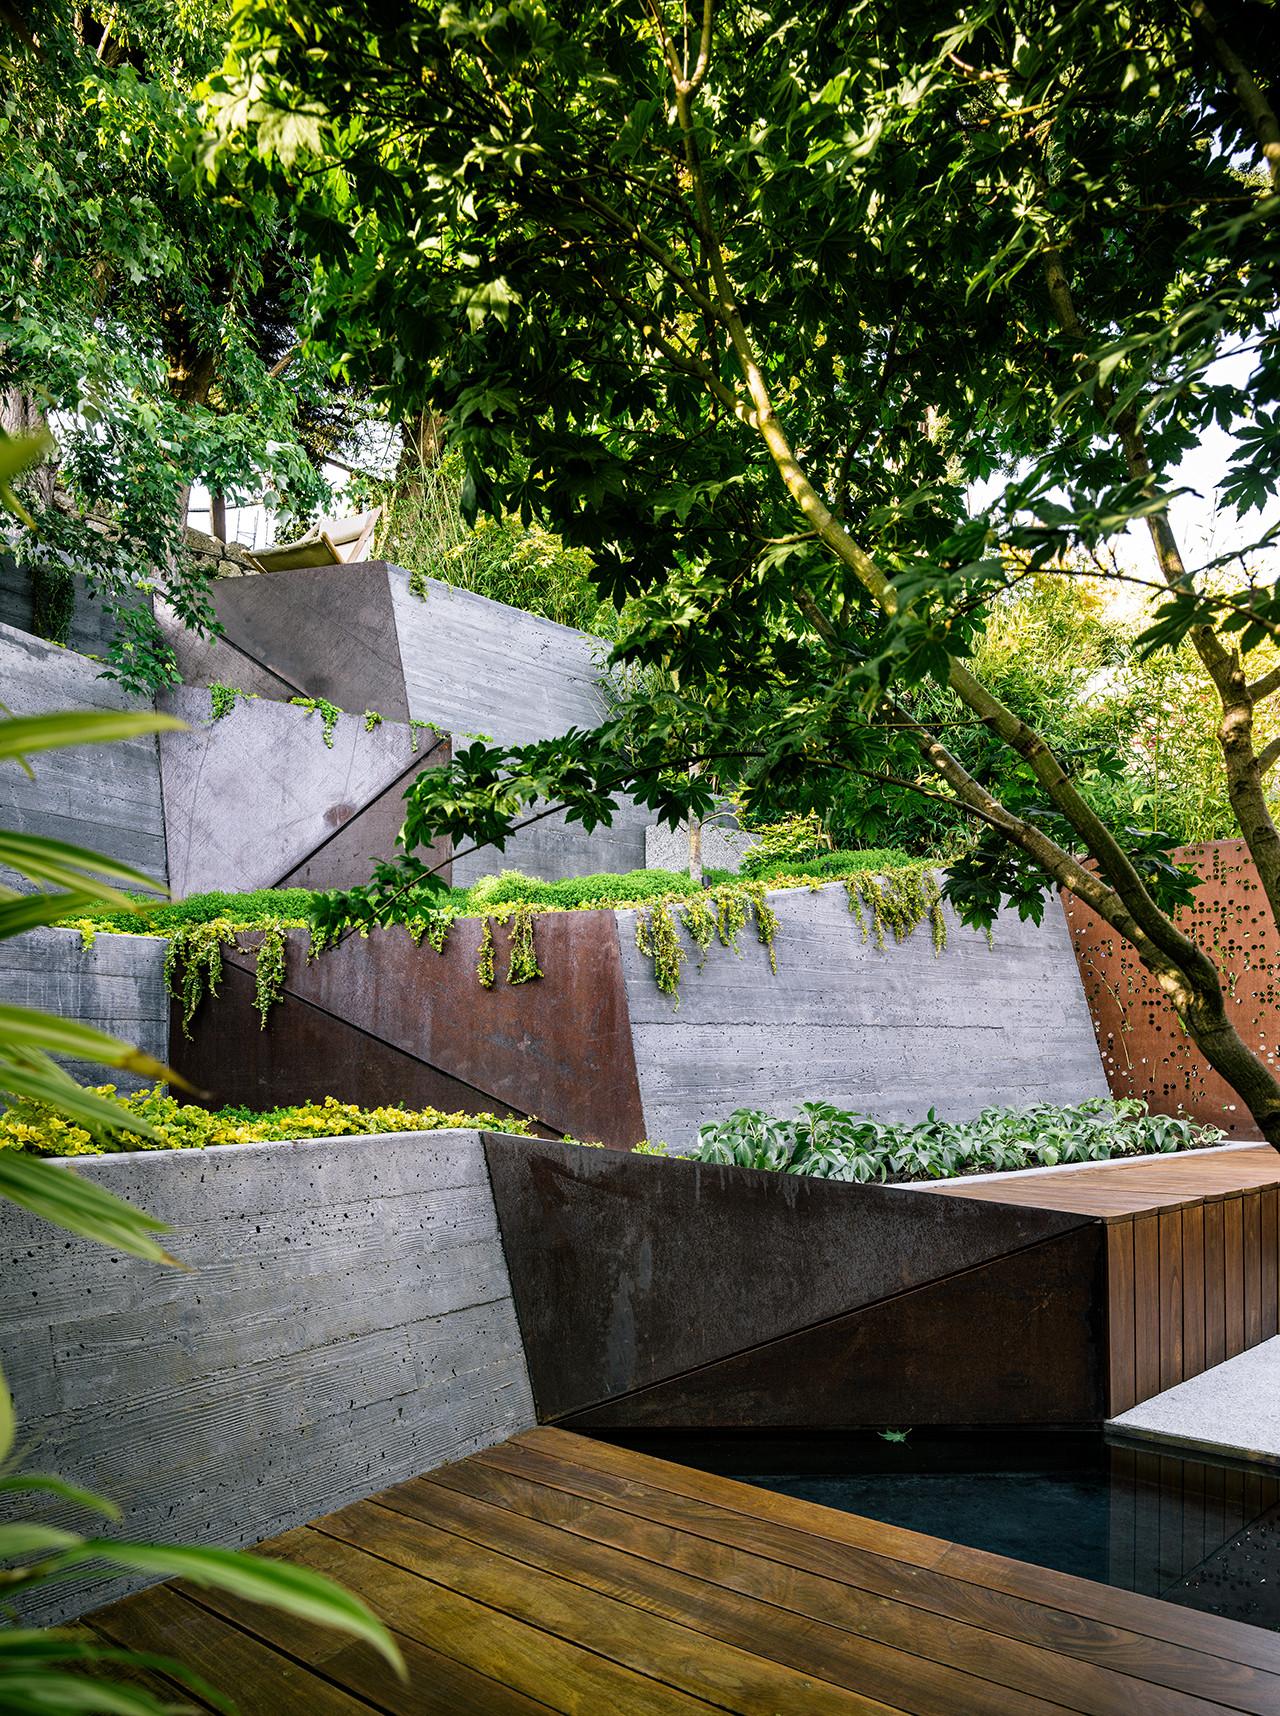 Sala De Estar Arquitectura ~ Galería de Arquitectura y Paisaje Hilgard Garden, una sala de estar